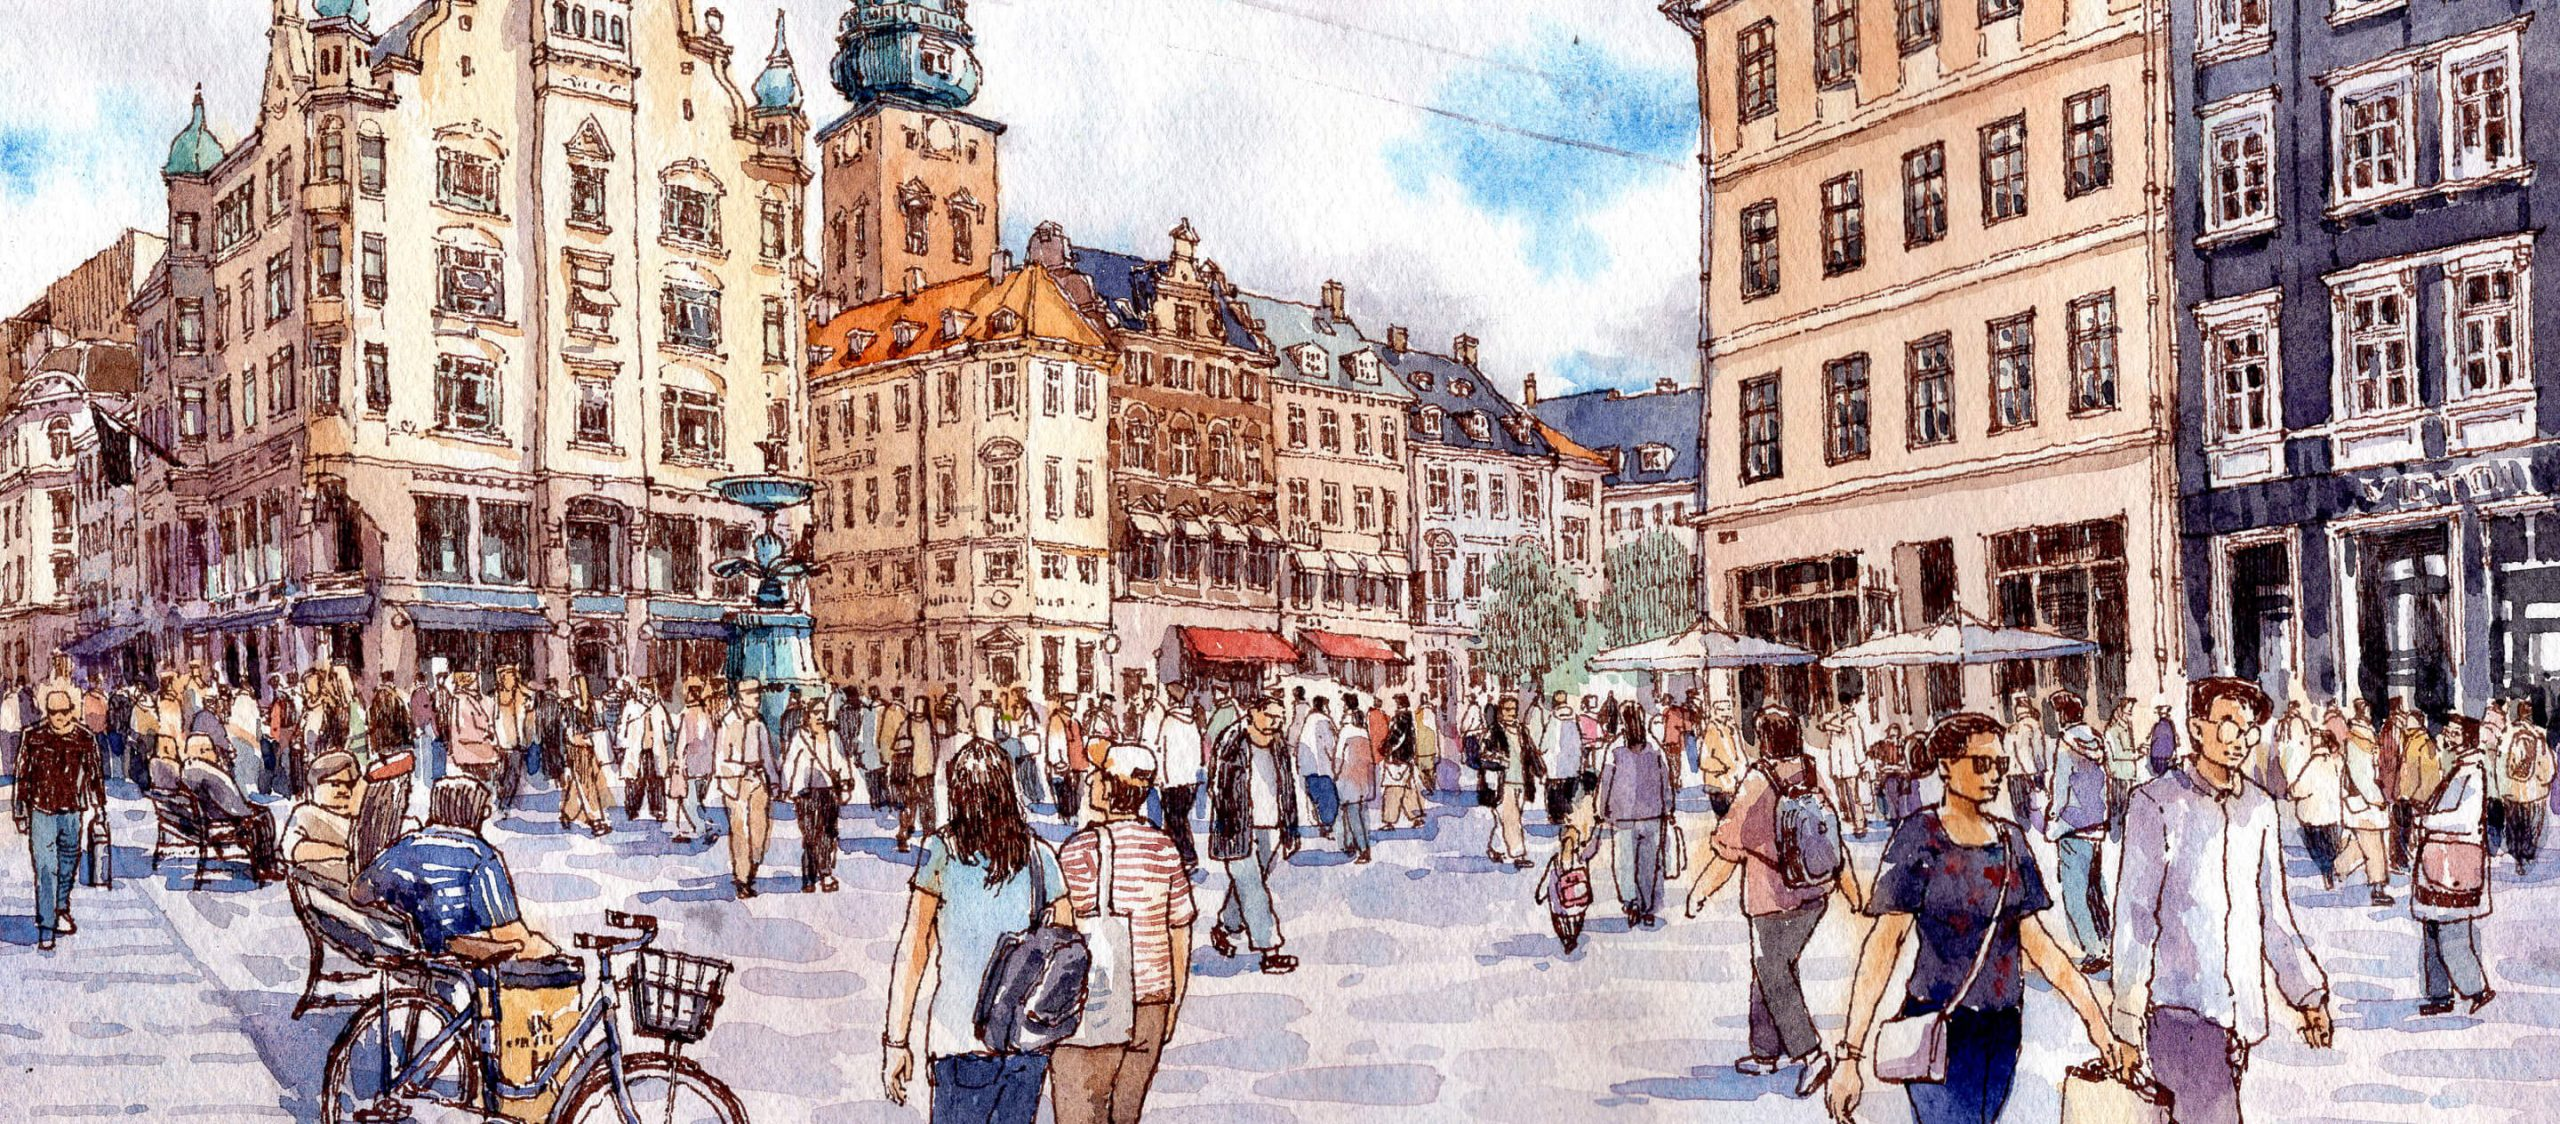 Public Life in Copenhagen เมืองมากจัตุรัส สวรรค์แห่งพื้นที่สาธารณะ